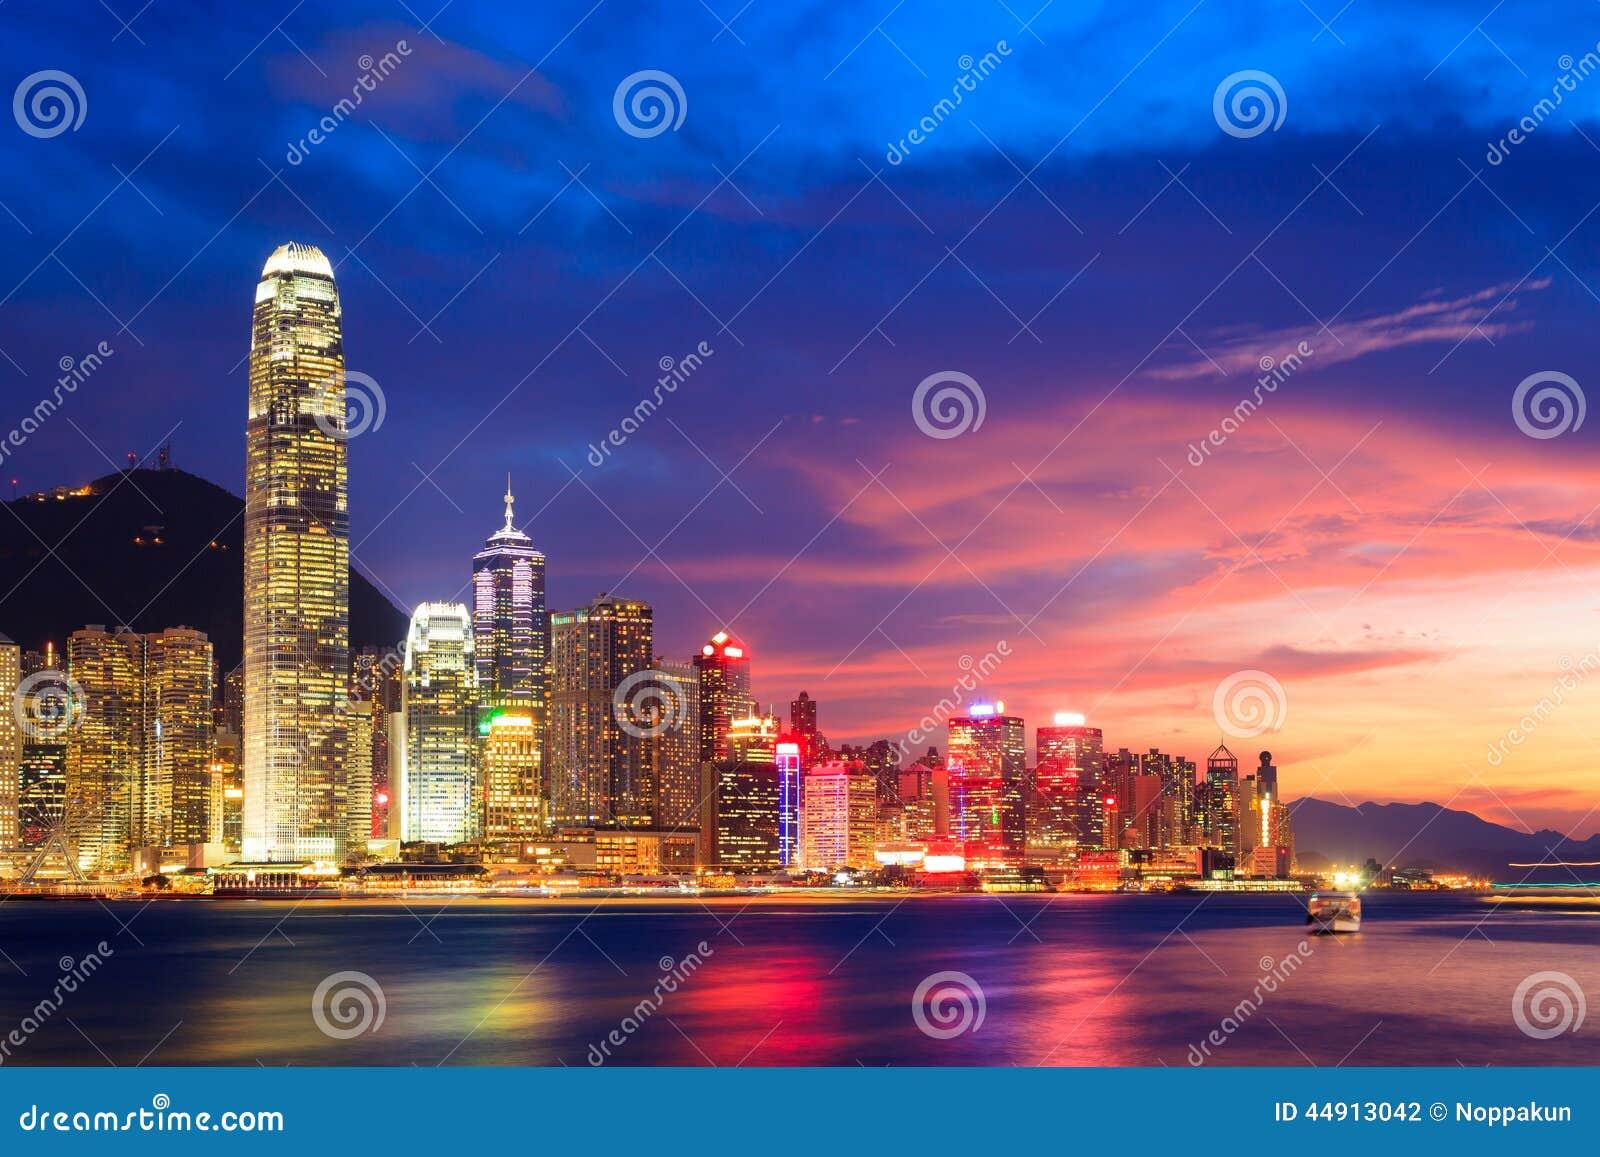 Skyline de Hong Kong na noite